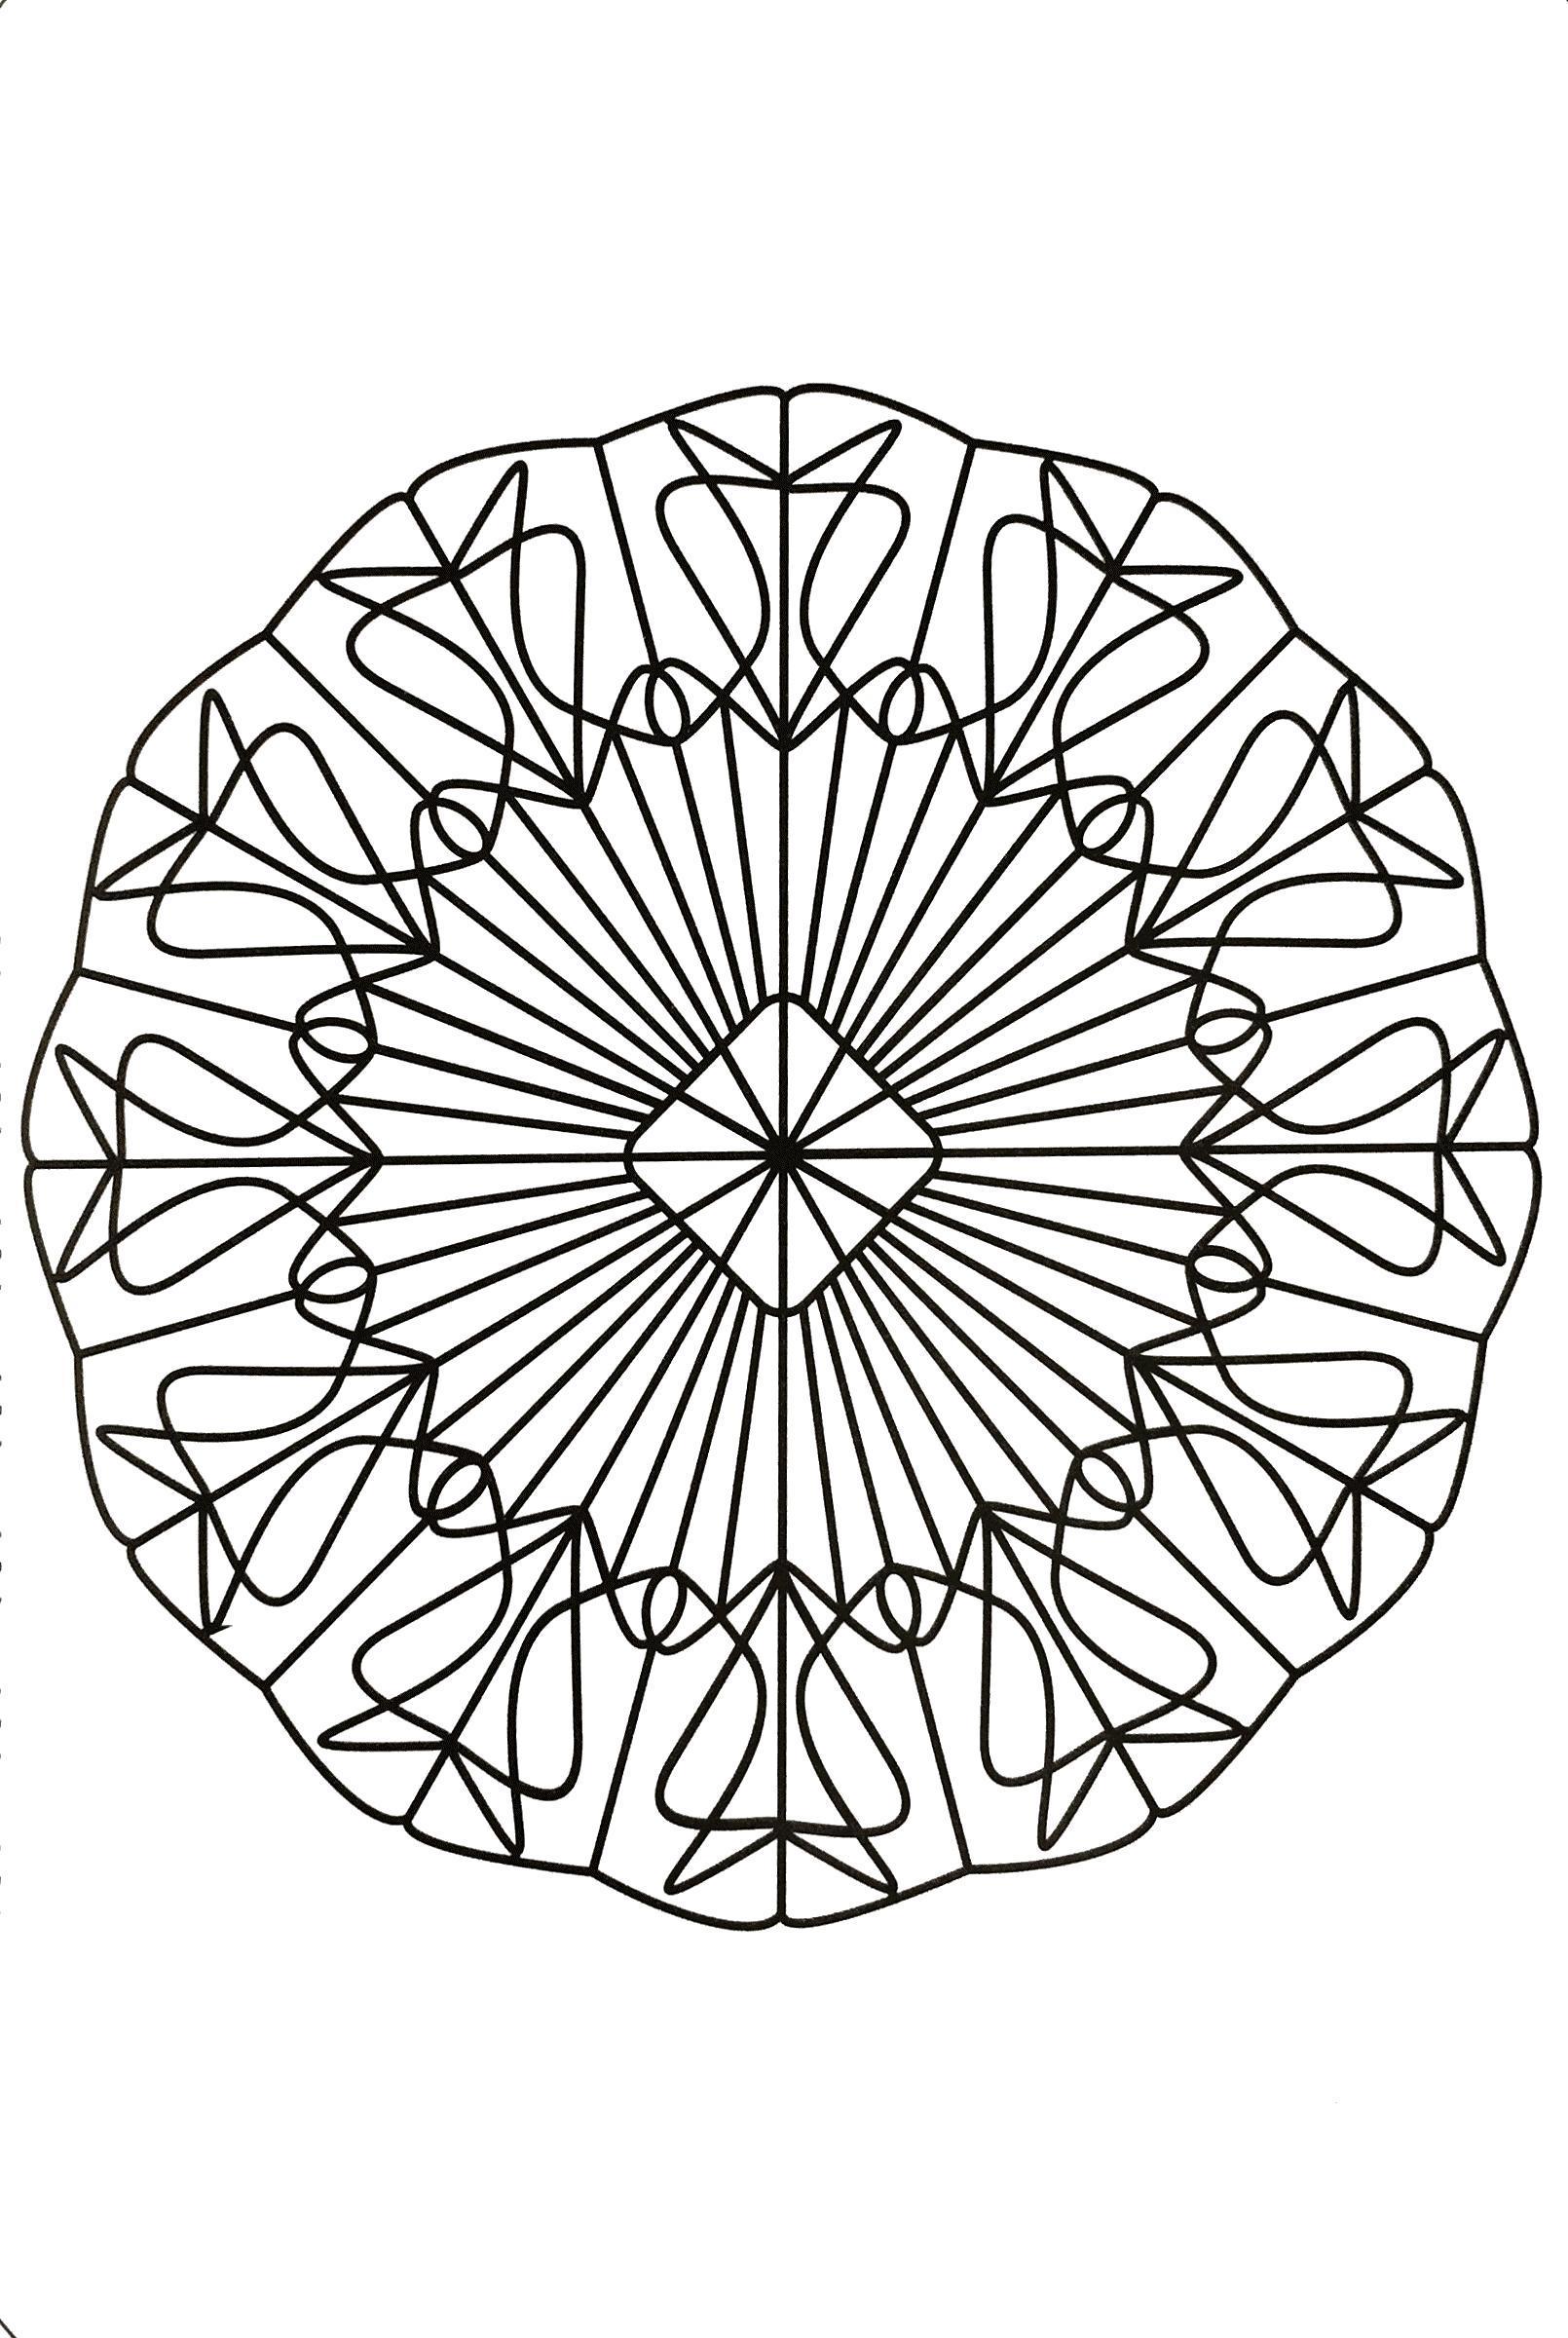 Раскраска Геометрическая мандала. Скачать .  Распечатать